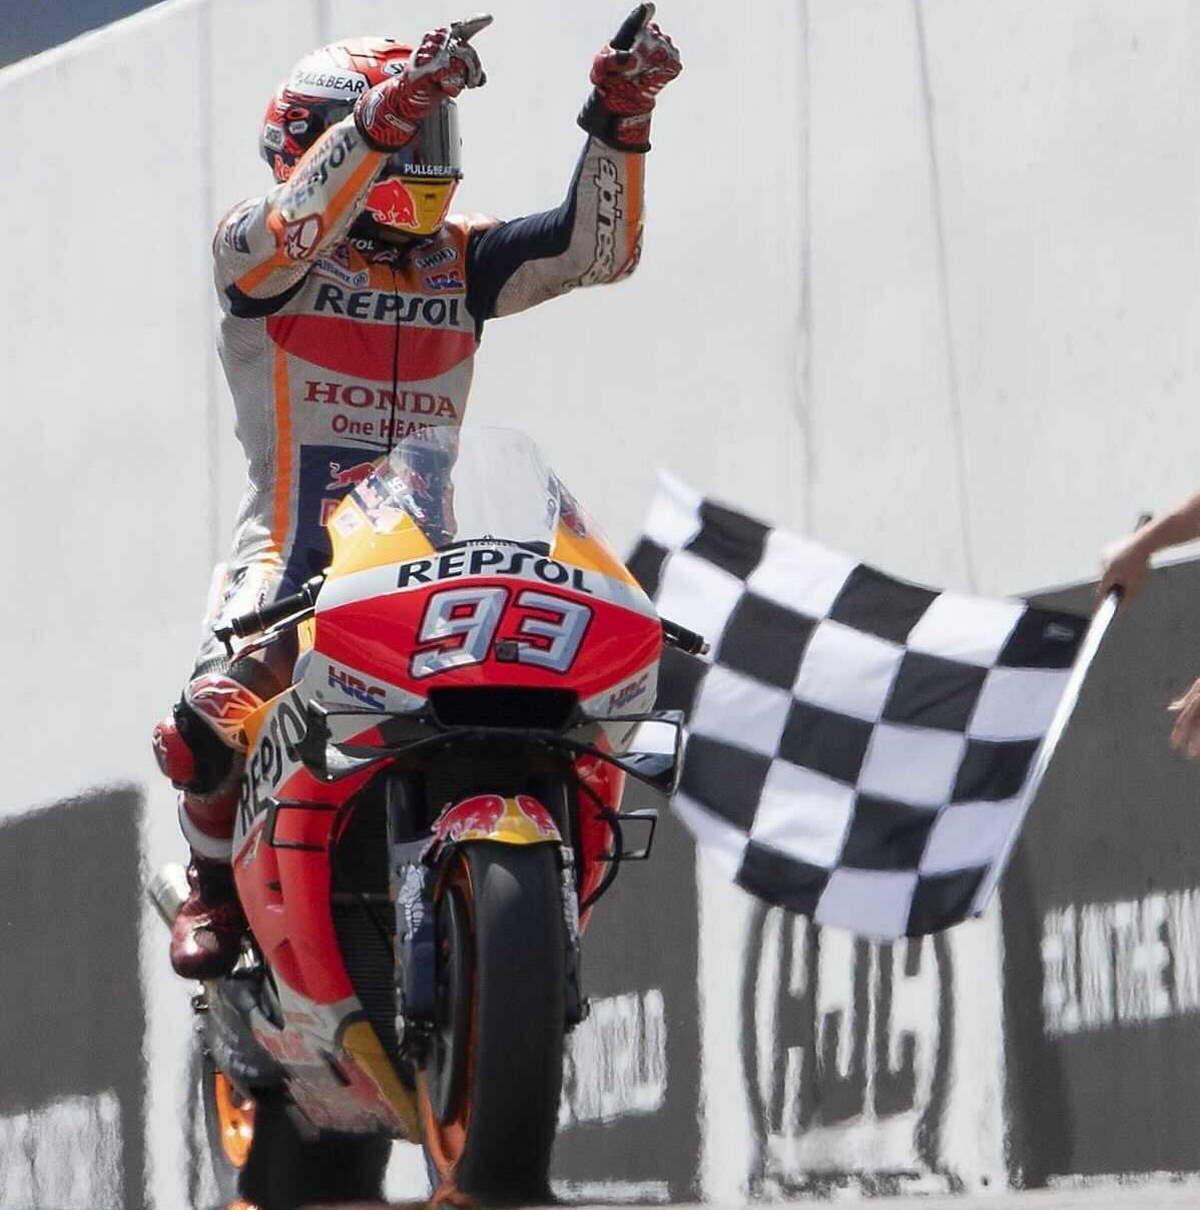 MotoGP, Marquez è tornato a vincere e si aggiudica il GP di Germania al Sachsenring